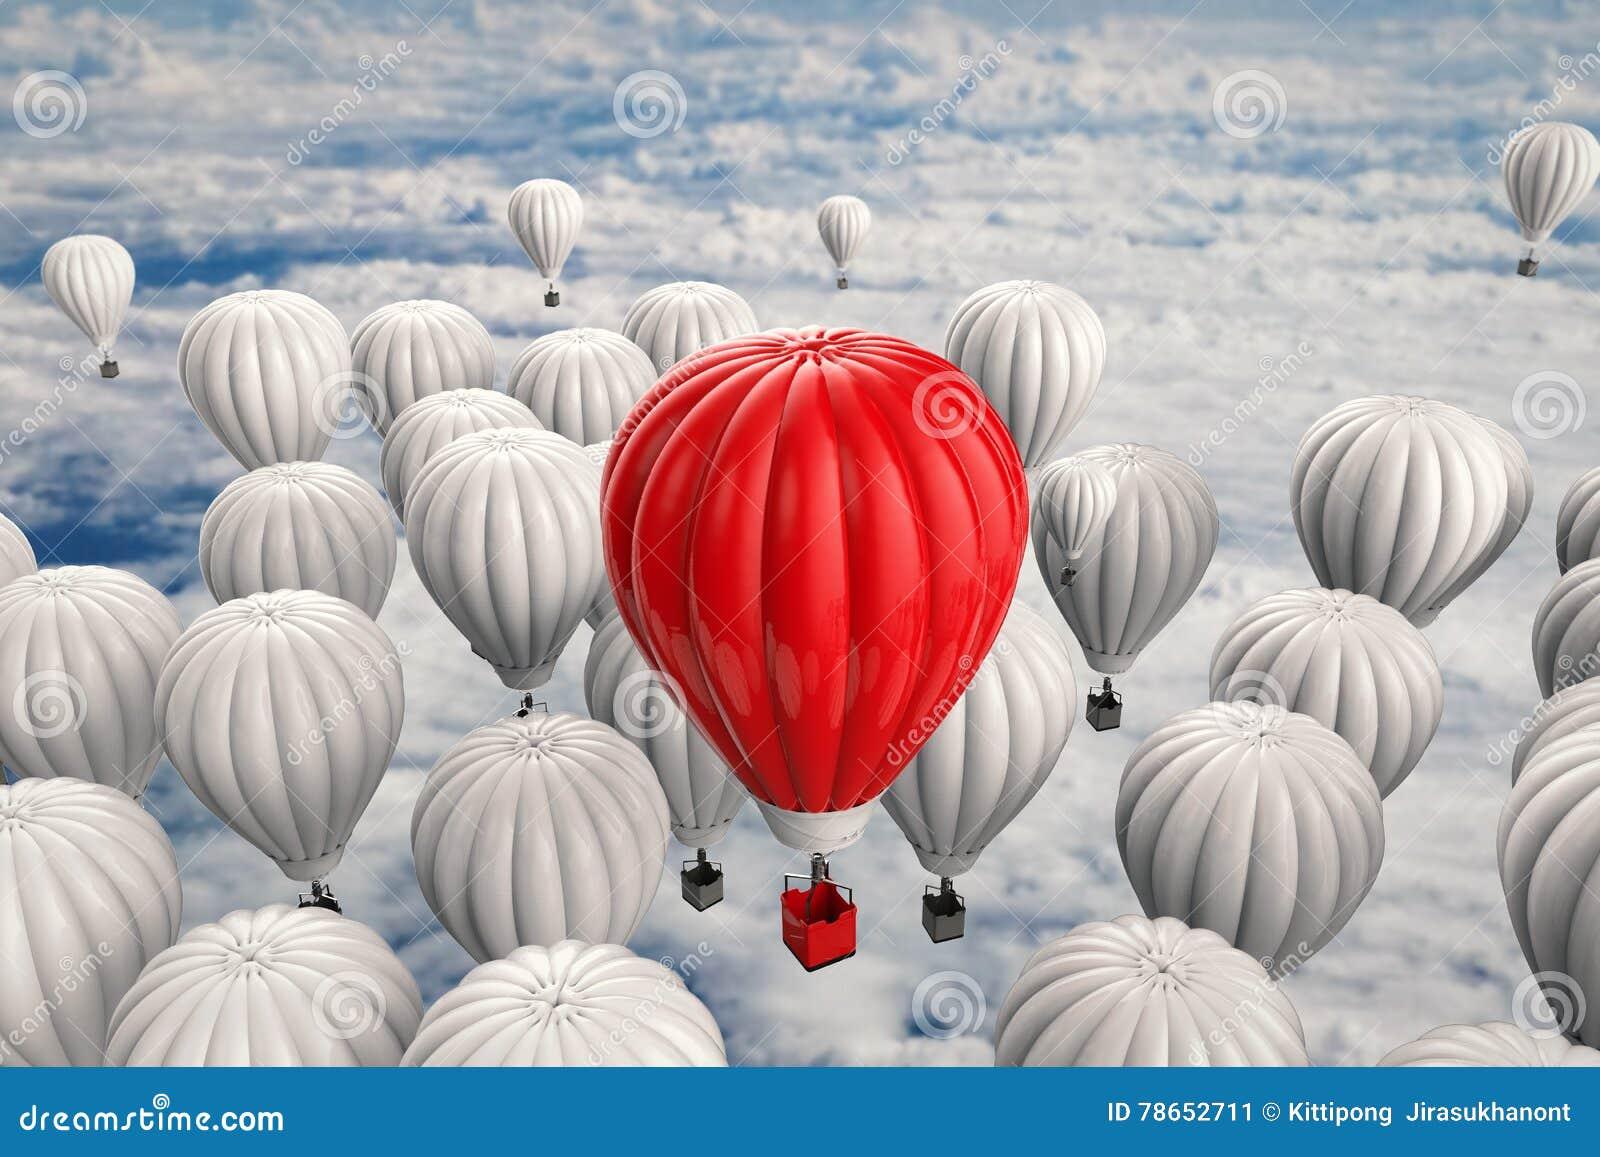 Έννοια ηγεσίας με το κόκκινο - μπαλόνι ζεστού αέρα